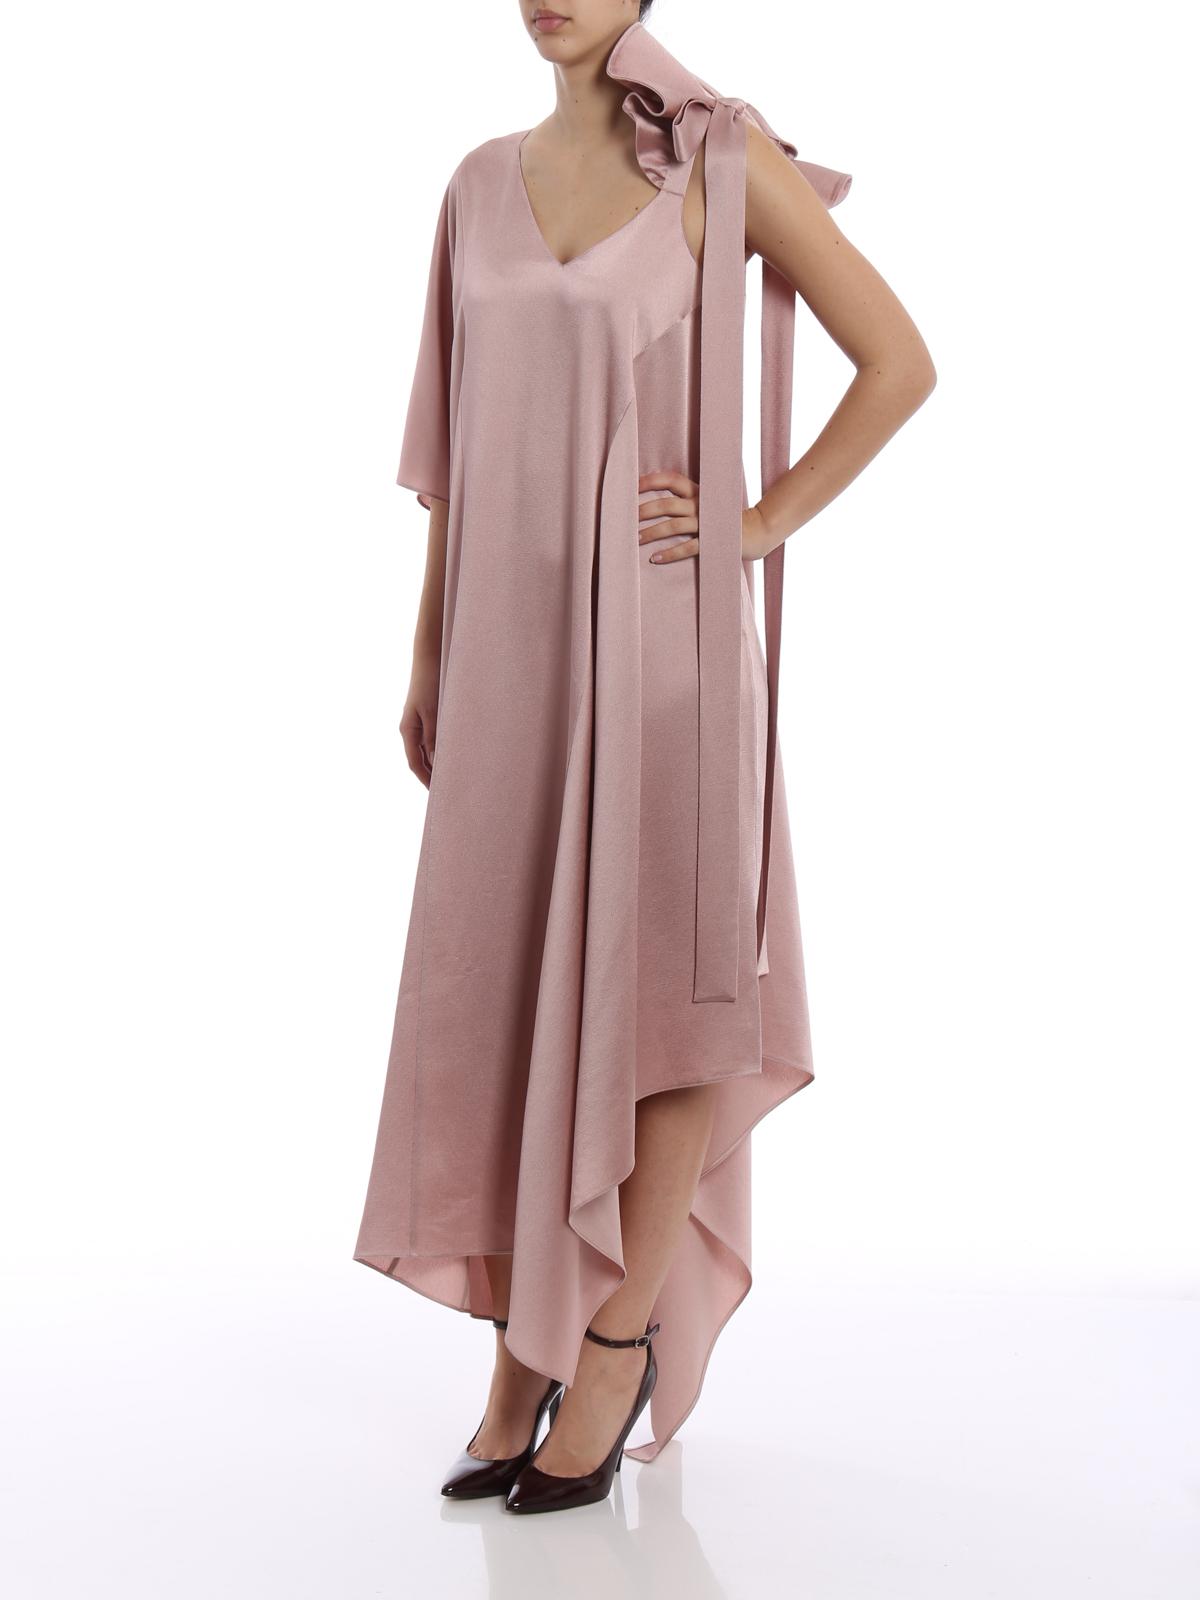 Cocktailkleid - Pink von Valentino - Cocktailkleider | iKRIX